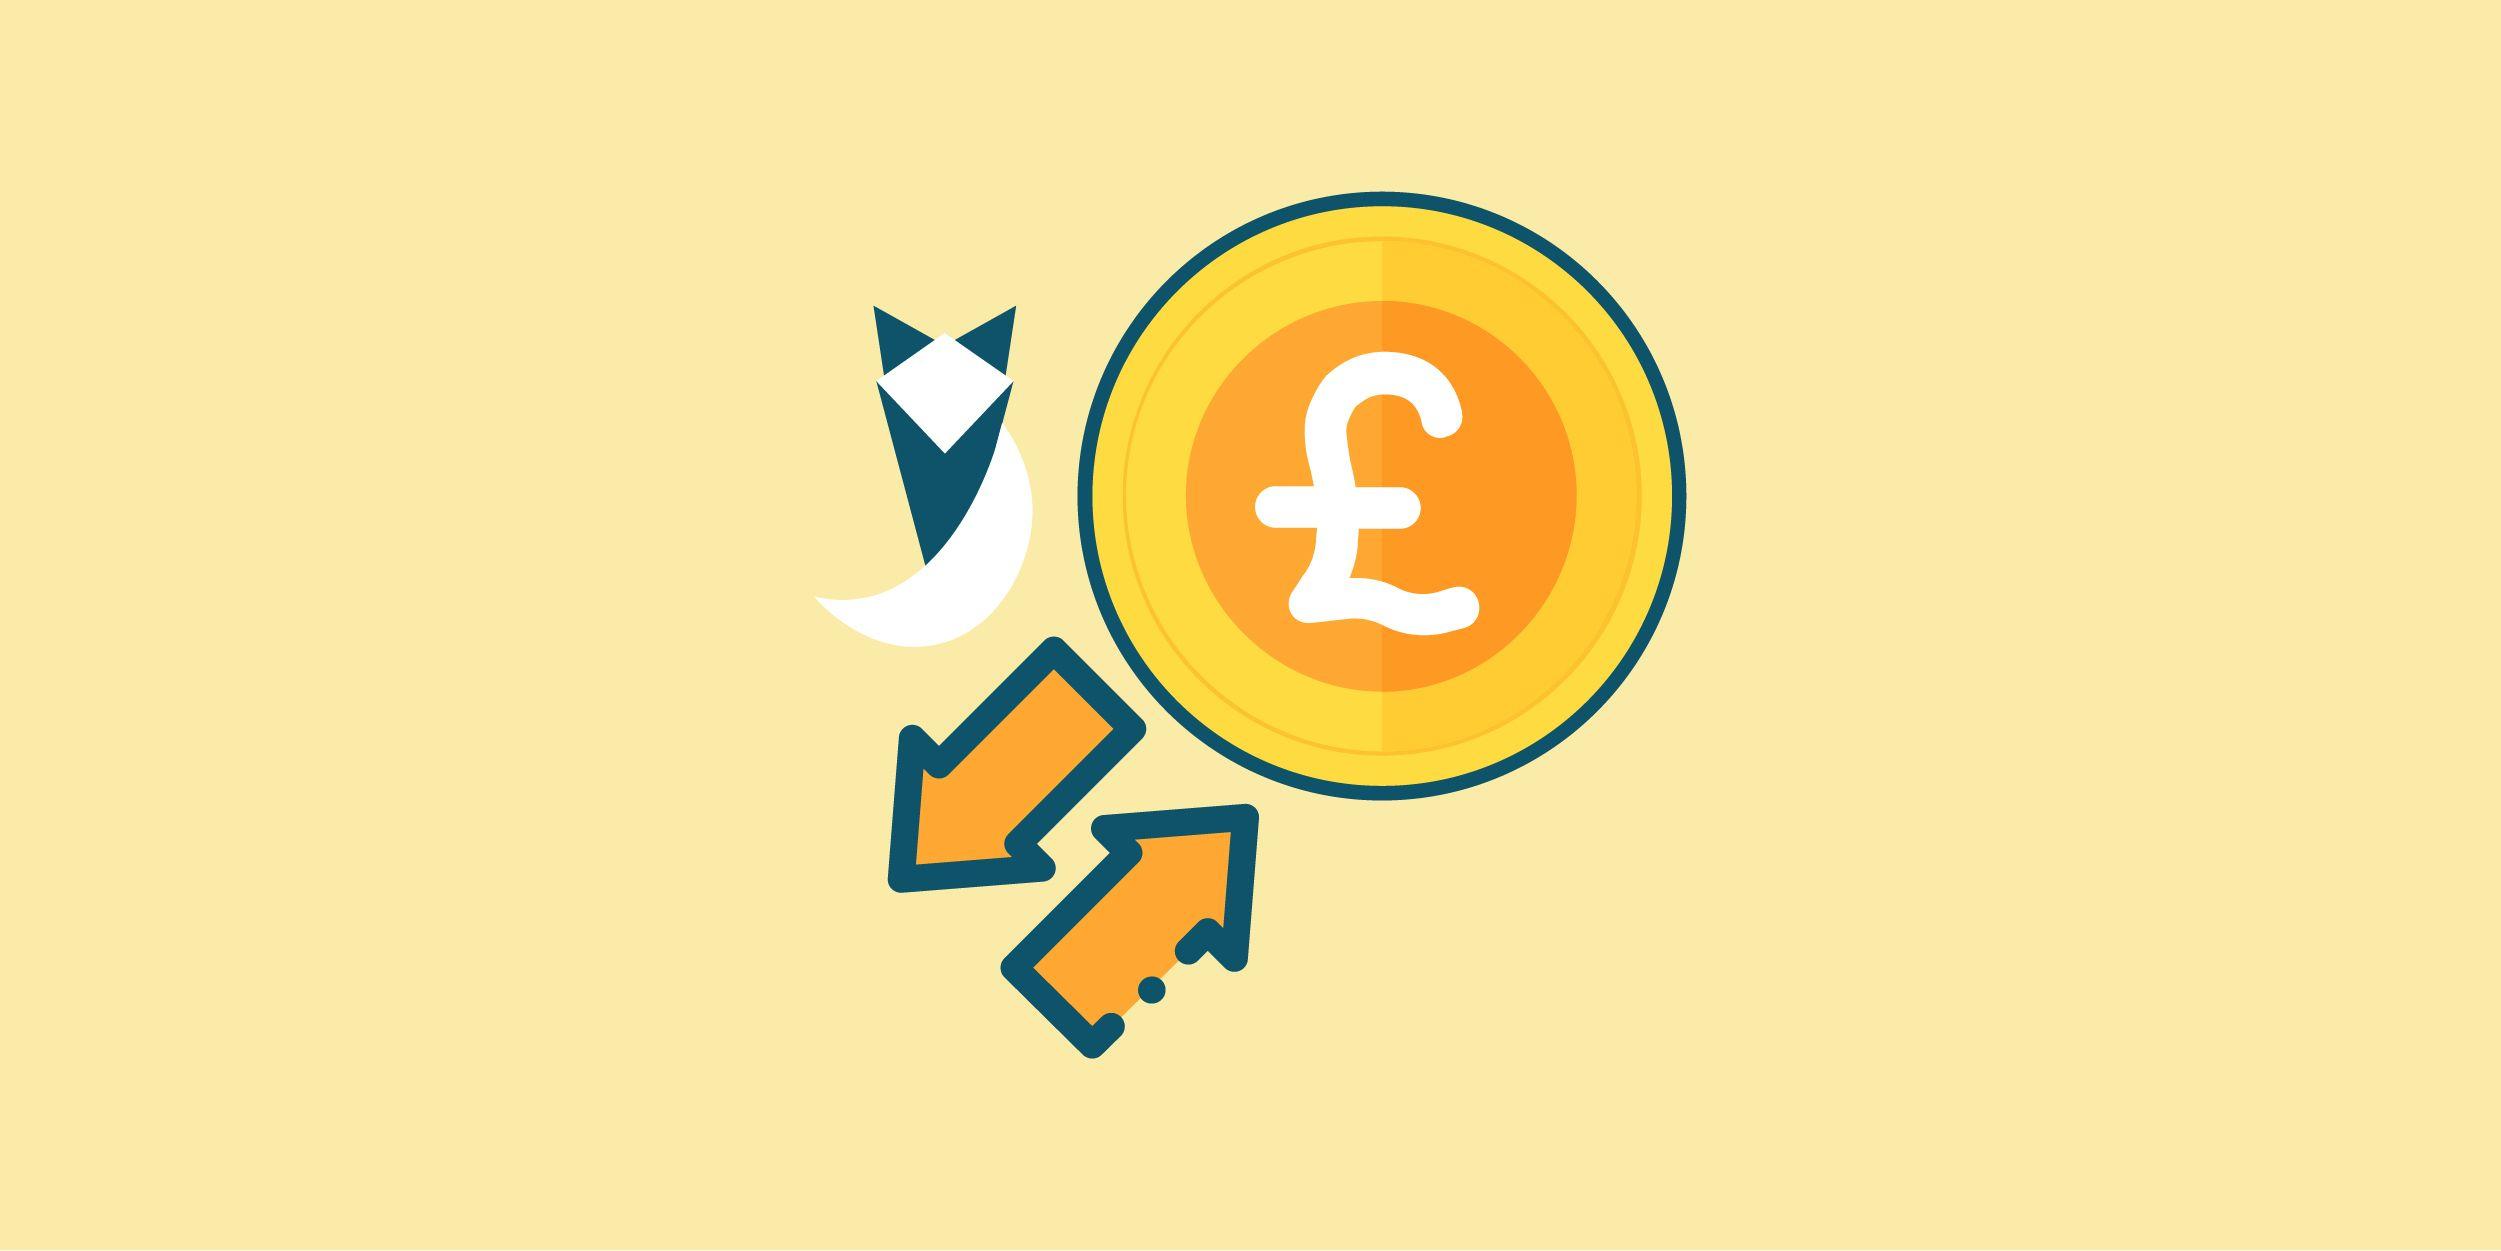 سعر الجنيه الاسترليني في البنوك المصرية اليوم 28 يوليو 2021